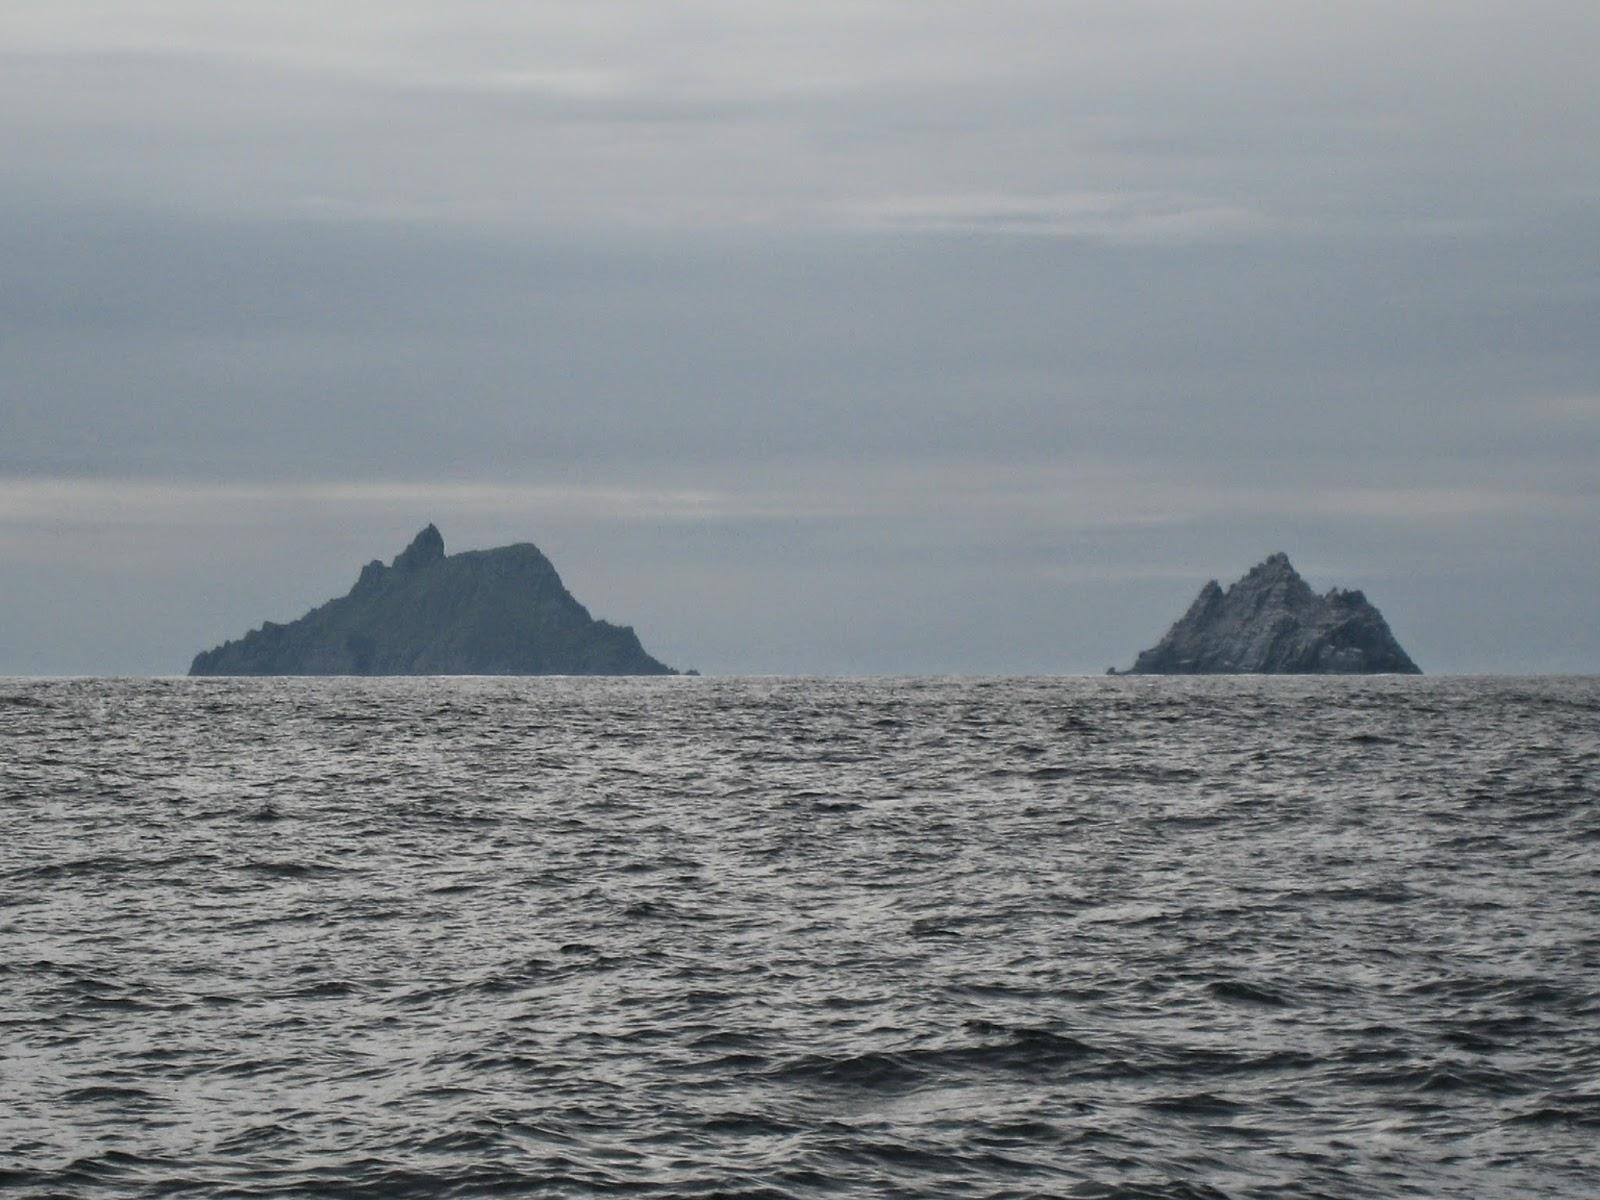 island coastal cliff wallpapers - Island Coastal Cliff Wallpapers HD Wallpapers